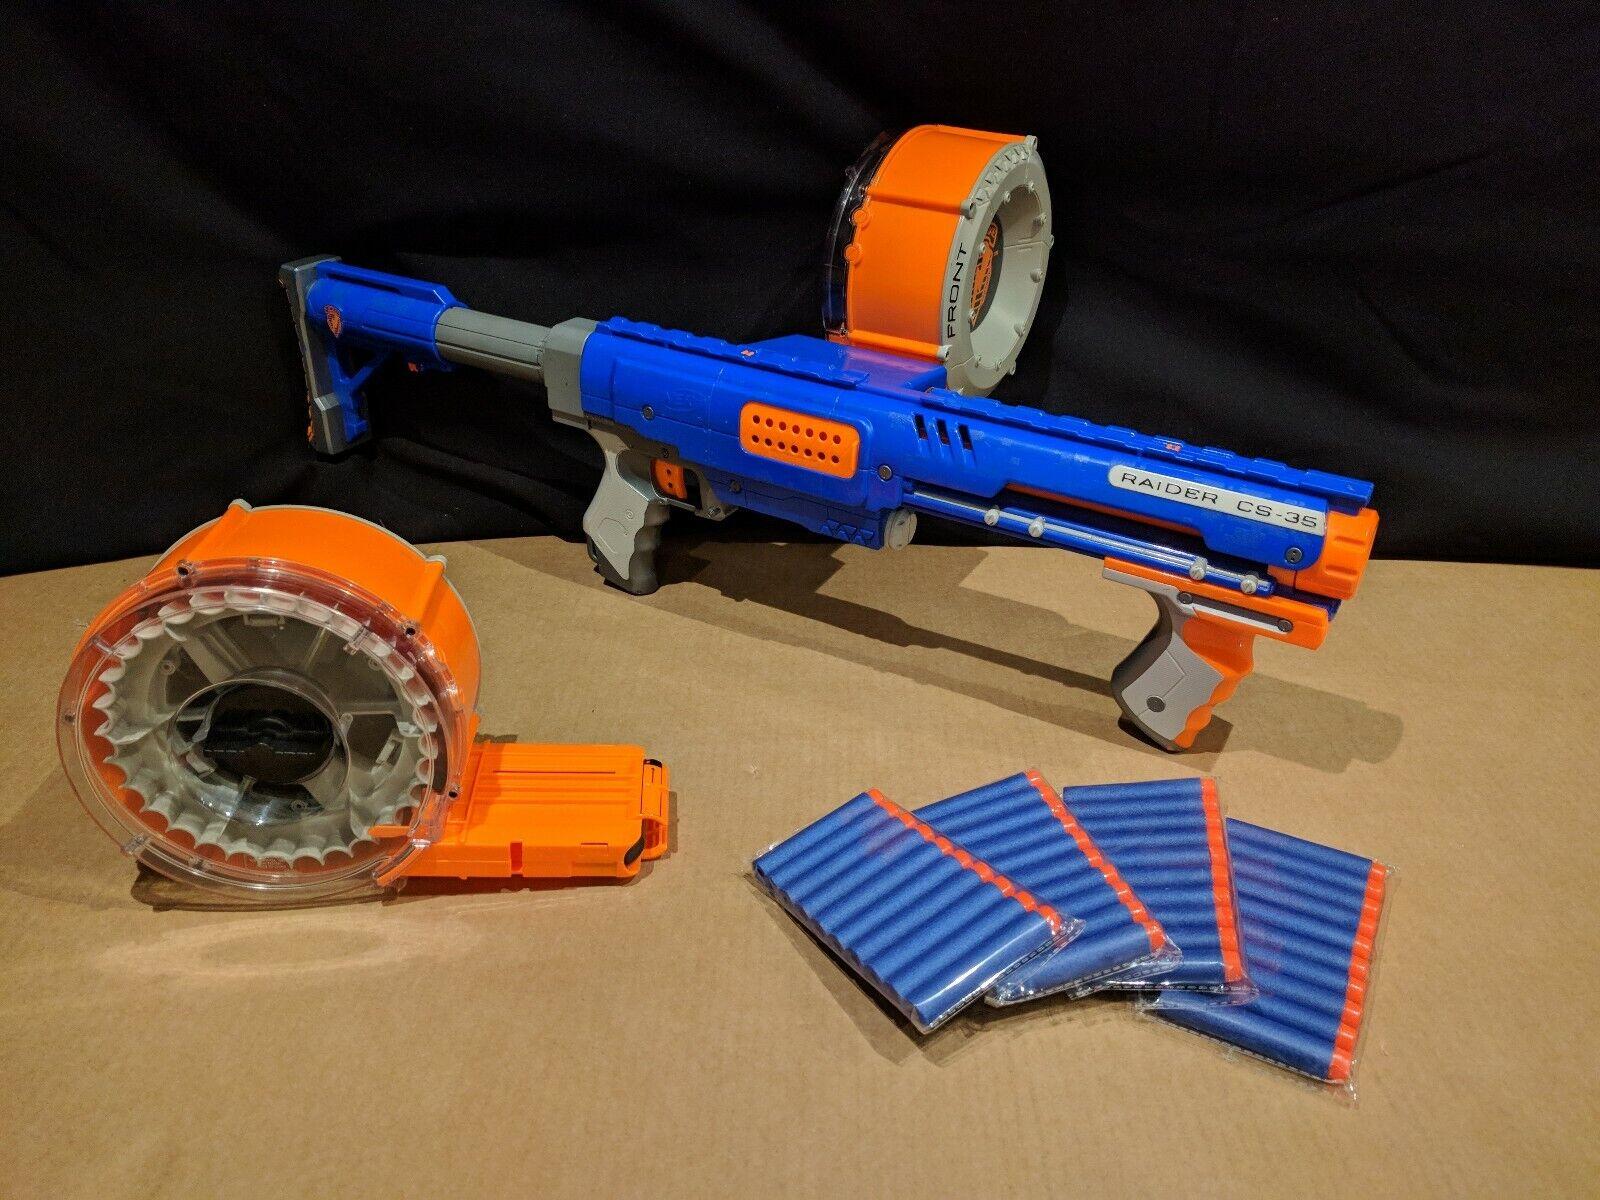 Nerf Raider con 2 tambores de munición y municiones